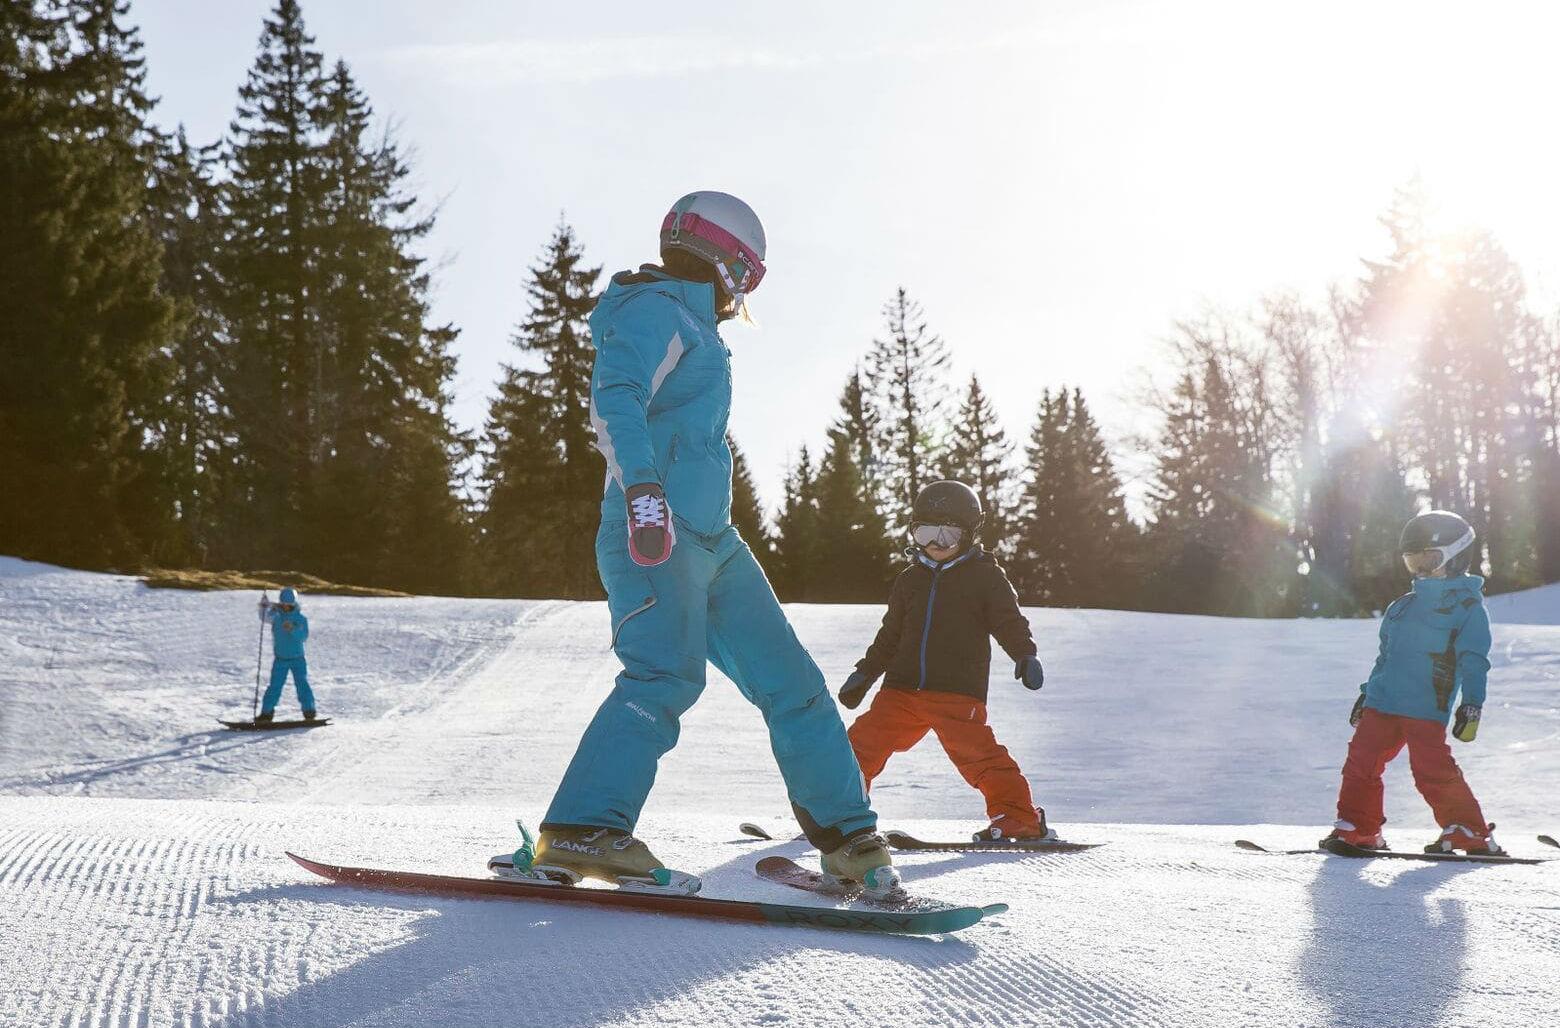 Cours de ski  Enfants (7-12 ans) - Basse saison